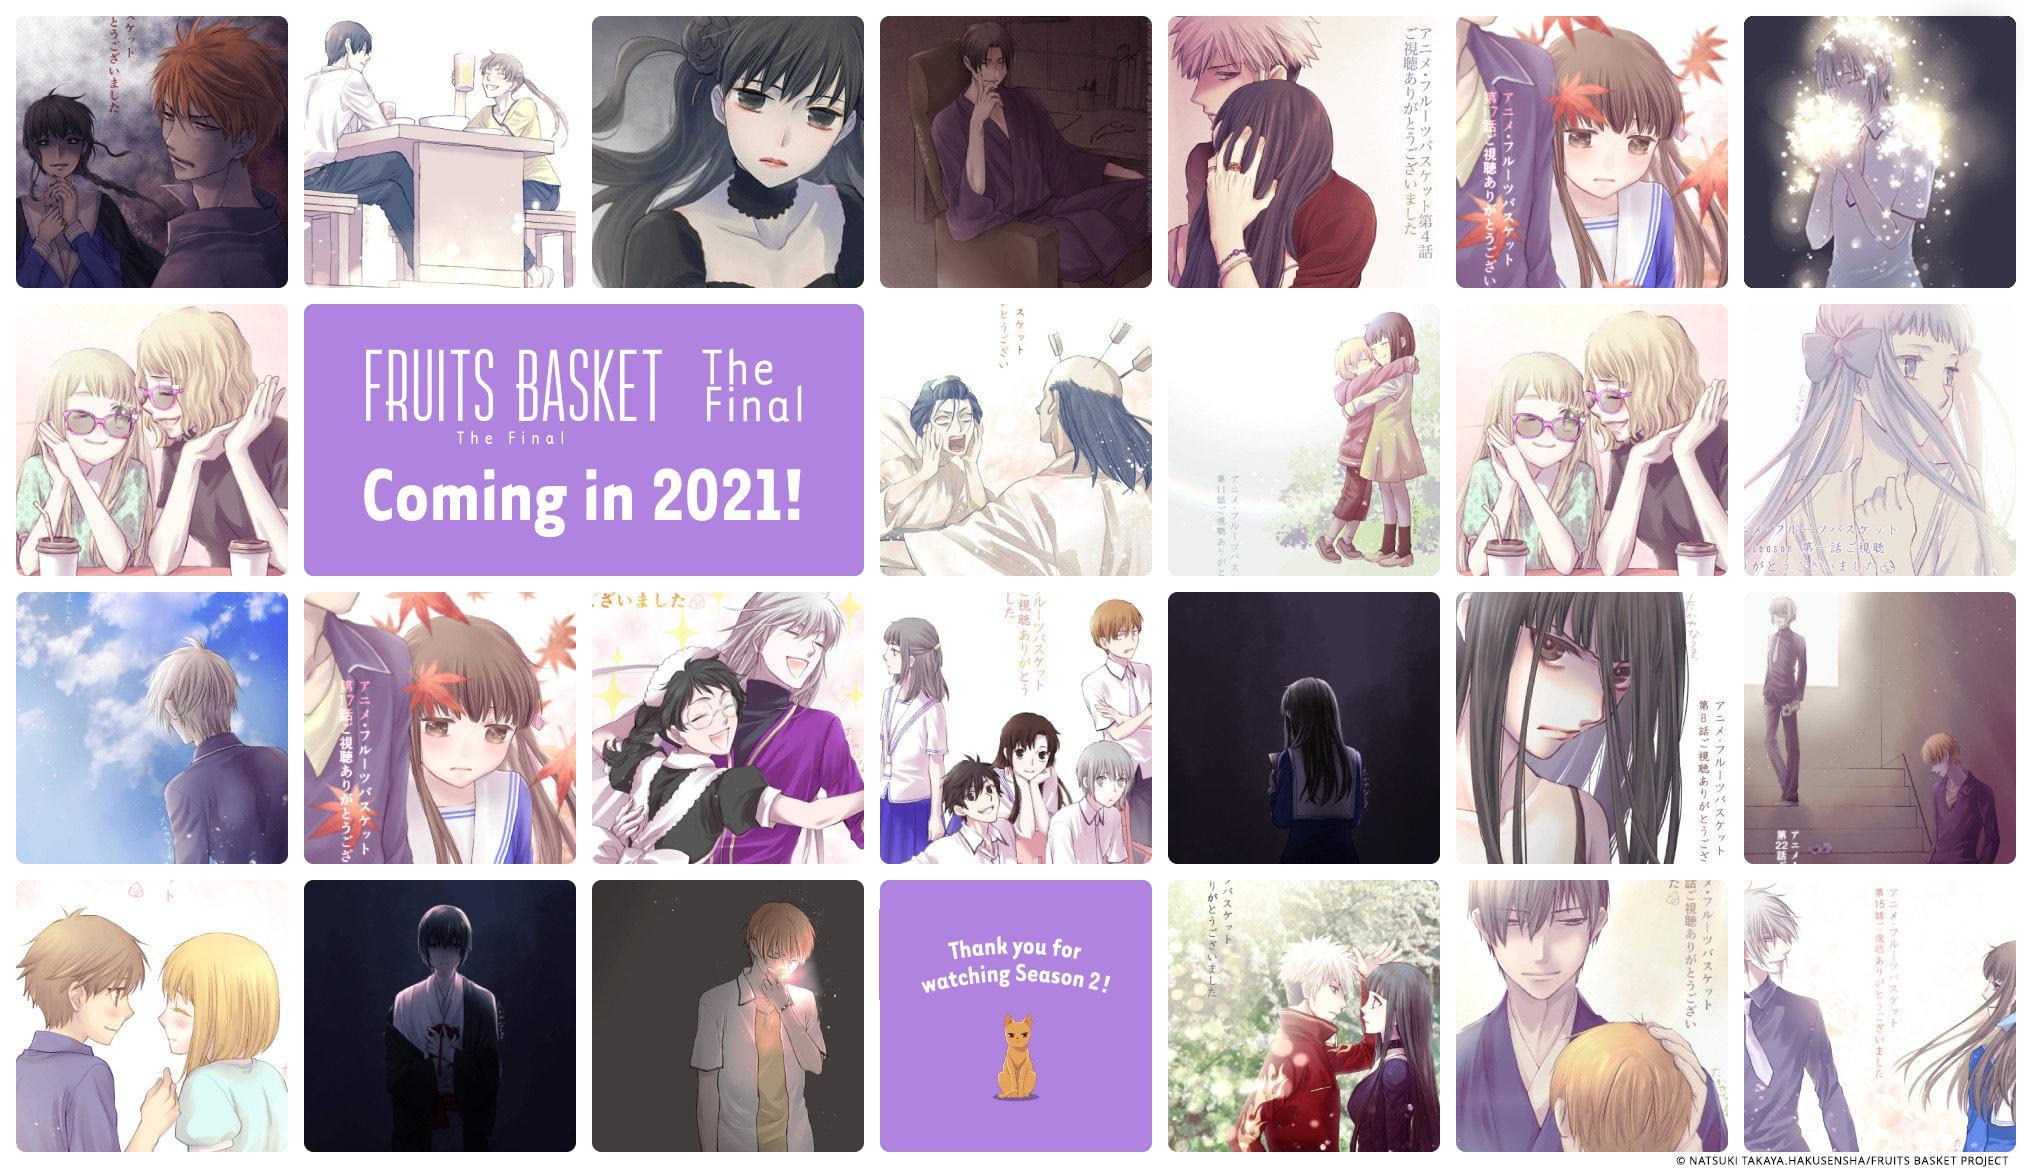 《寻找见习魔女》新视觉图公开、TV动画《水果篮子》最终章2021年播出